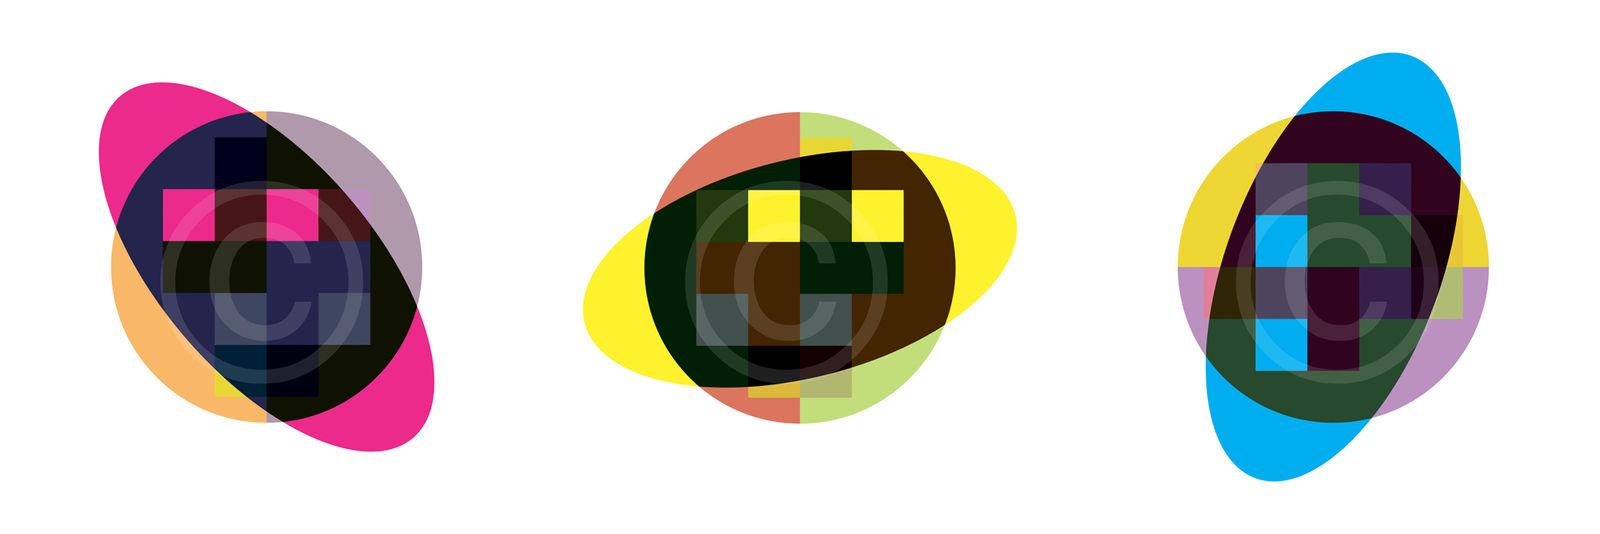 Planets, Serie in 3 Bildern